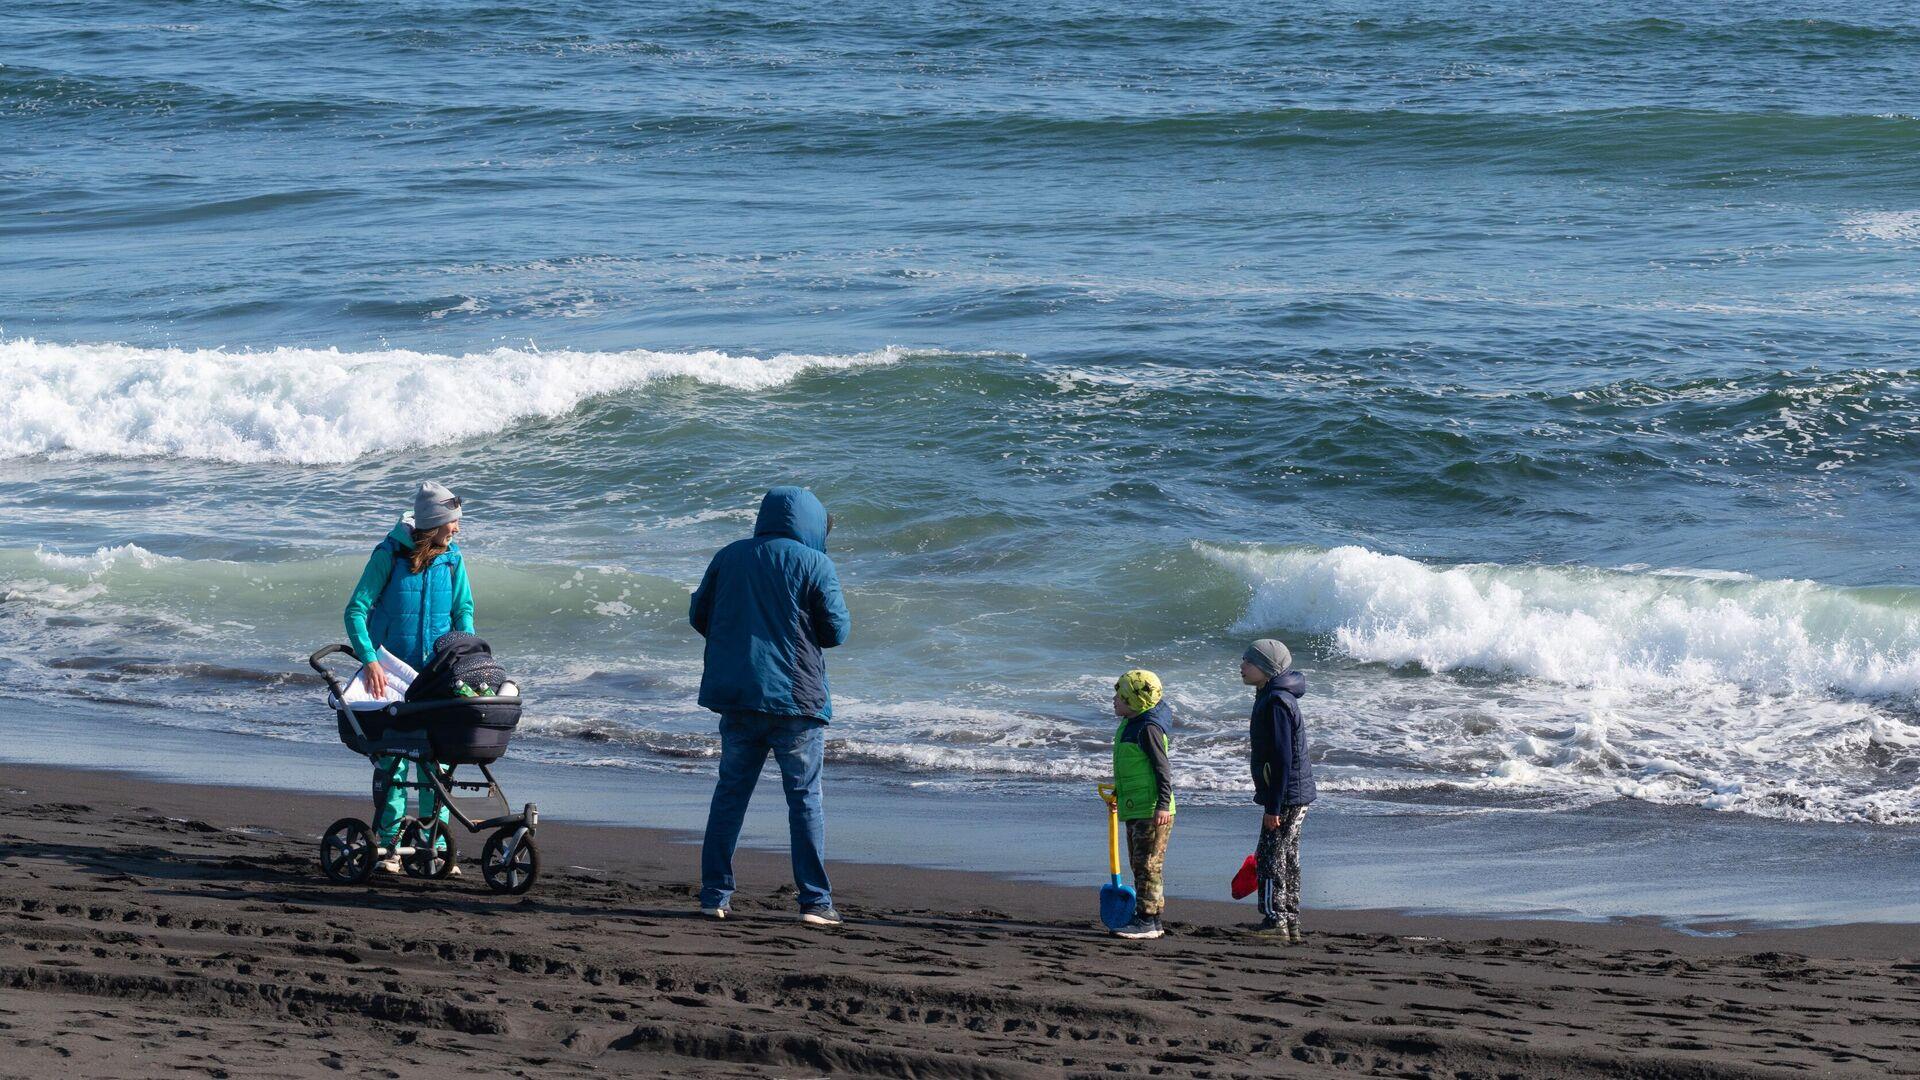 Семья отдыхает на Халактырском пляже Тихоокеанского побережья полуострова Камчатка - РИА Новости, 1920, 23.10.2020